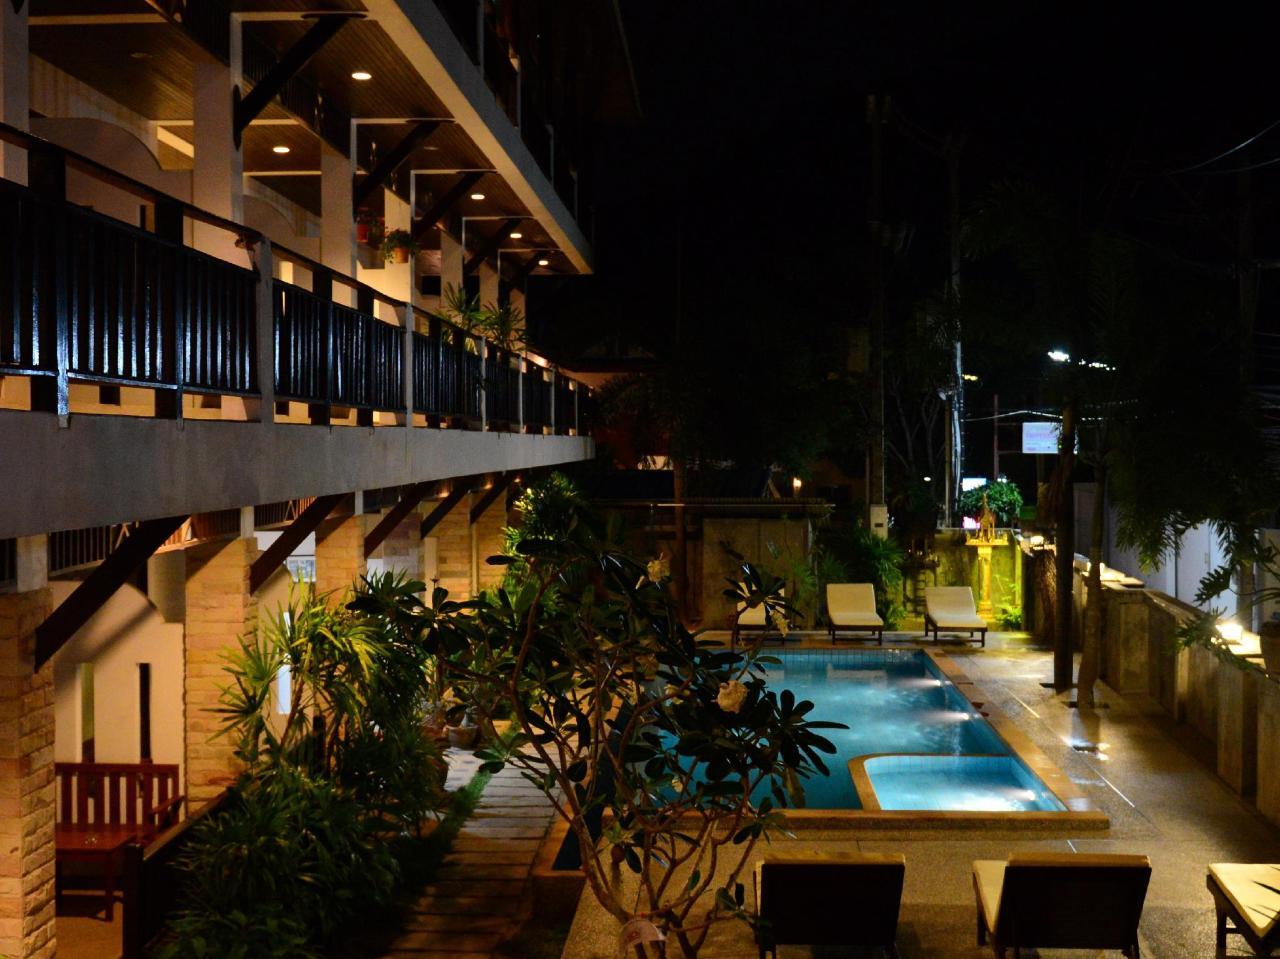 แวนด้าเฮ้าส์ รีสอร์ท (Vanda House Resort)